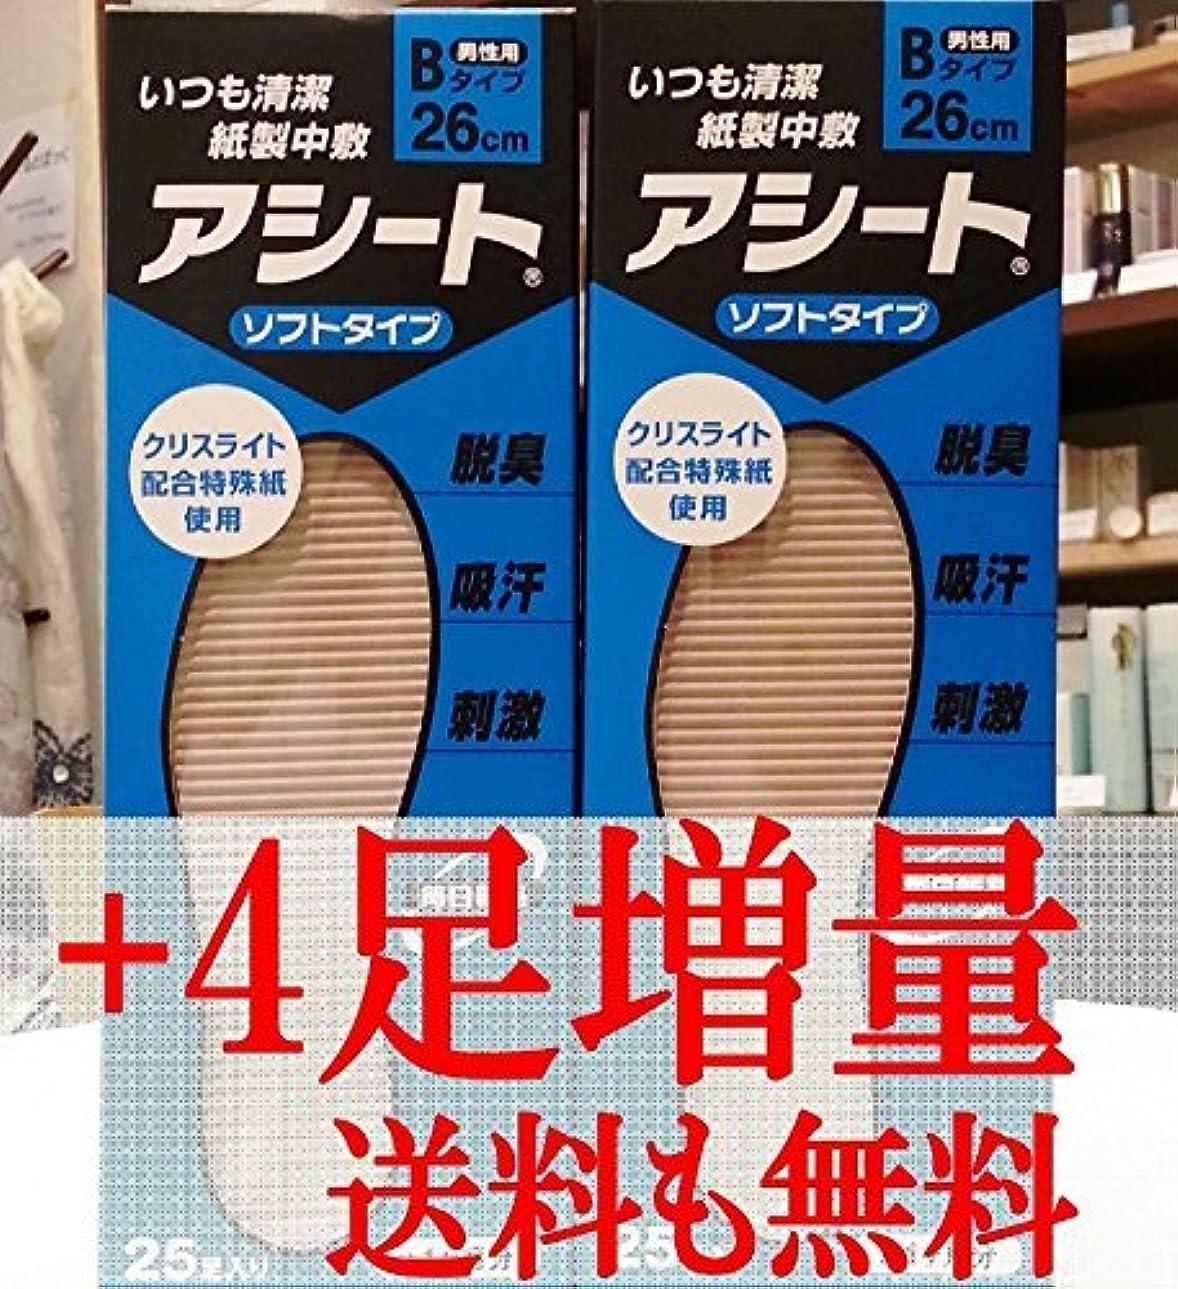 侵略バリー永久にアシートB 25足入2箱セット+4足増量中(27cm)